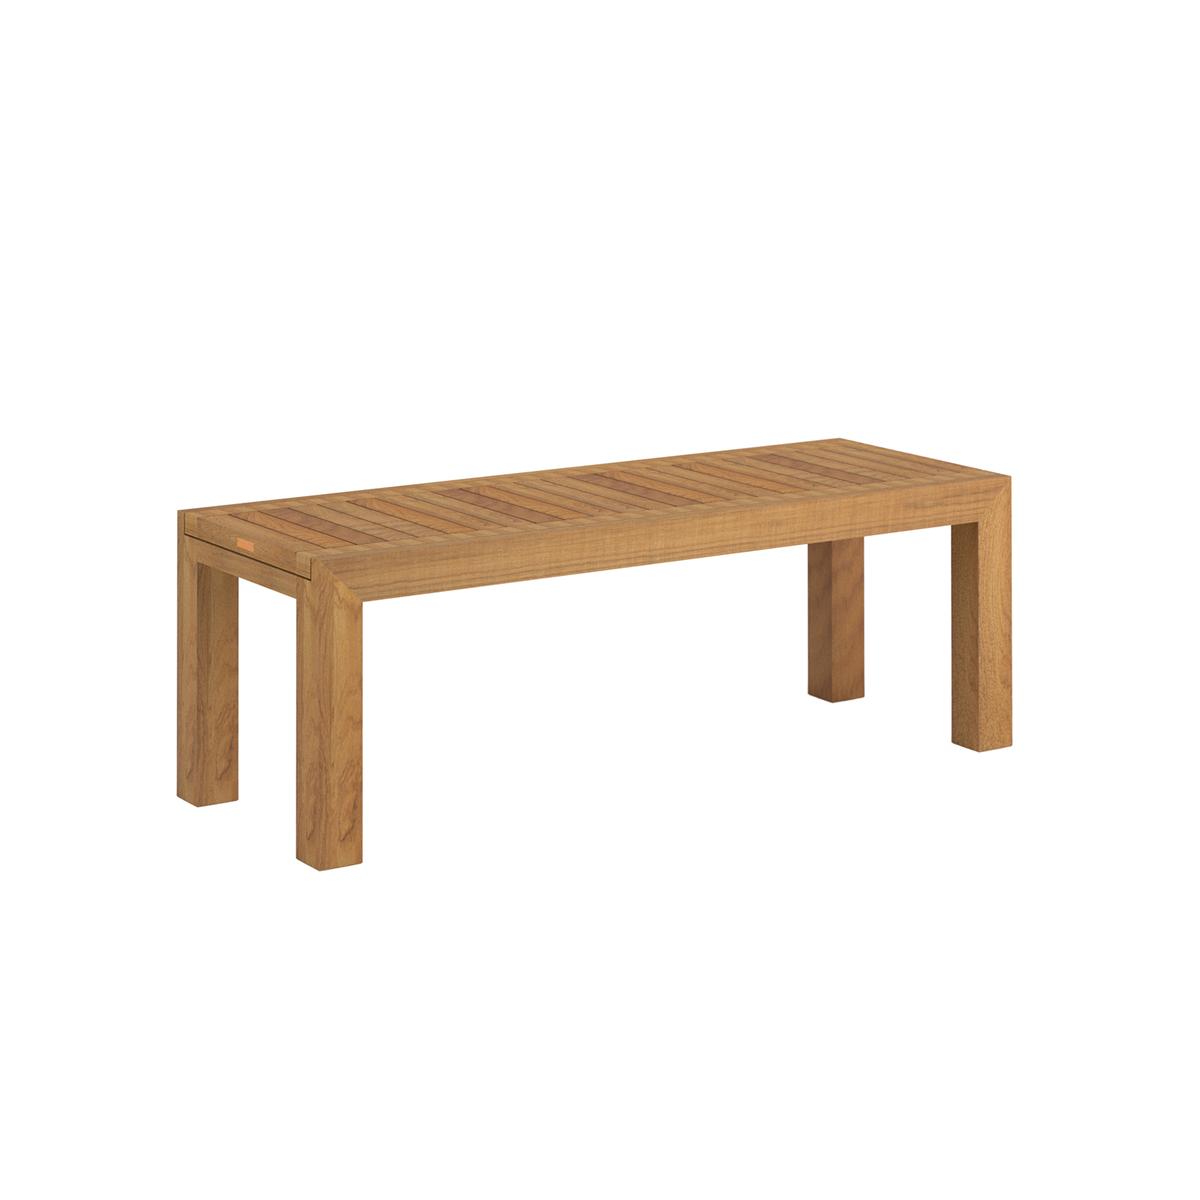 Ixit 118 bench - на 360.ru: цены, описание, характеристики, где купить в Москве.